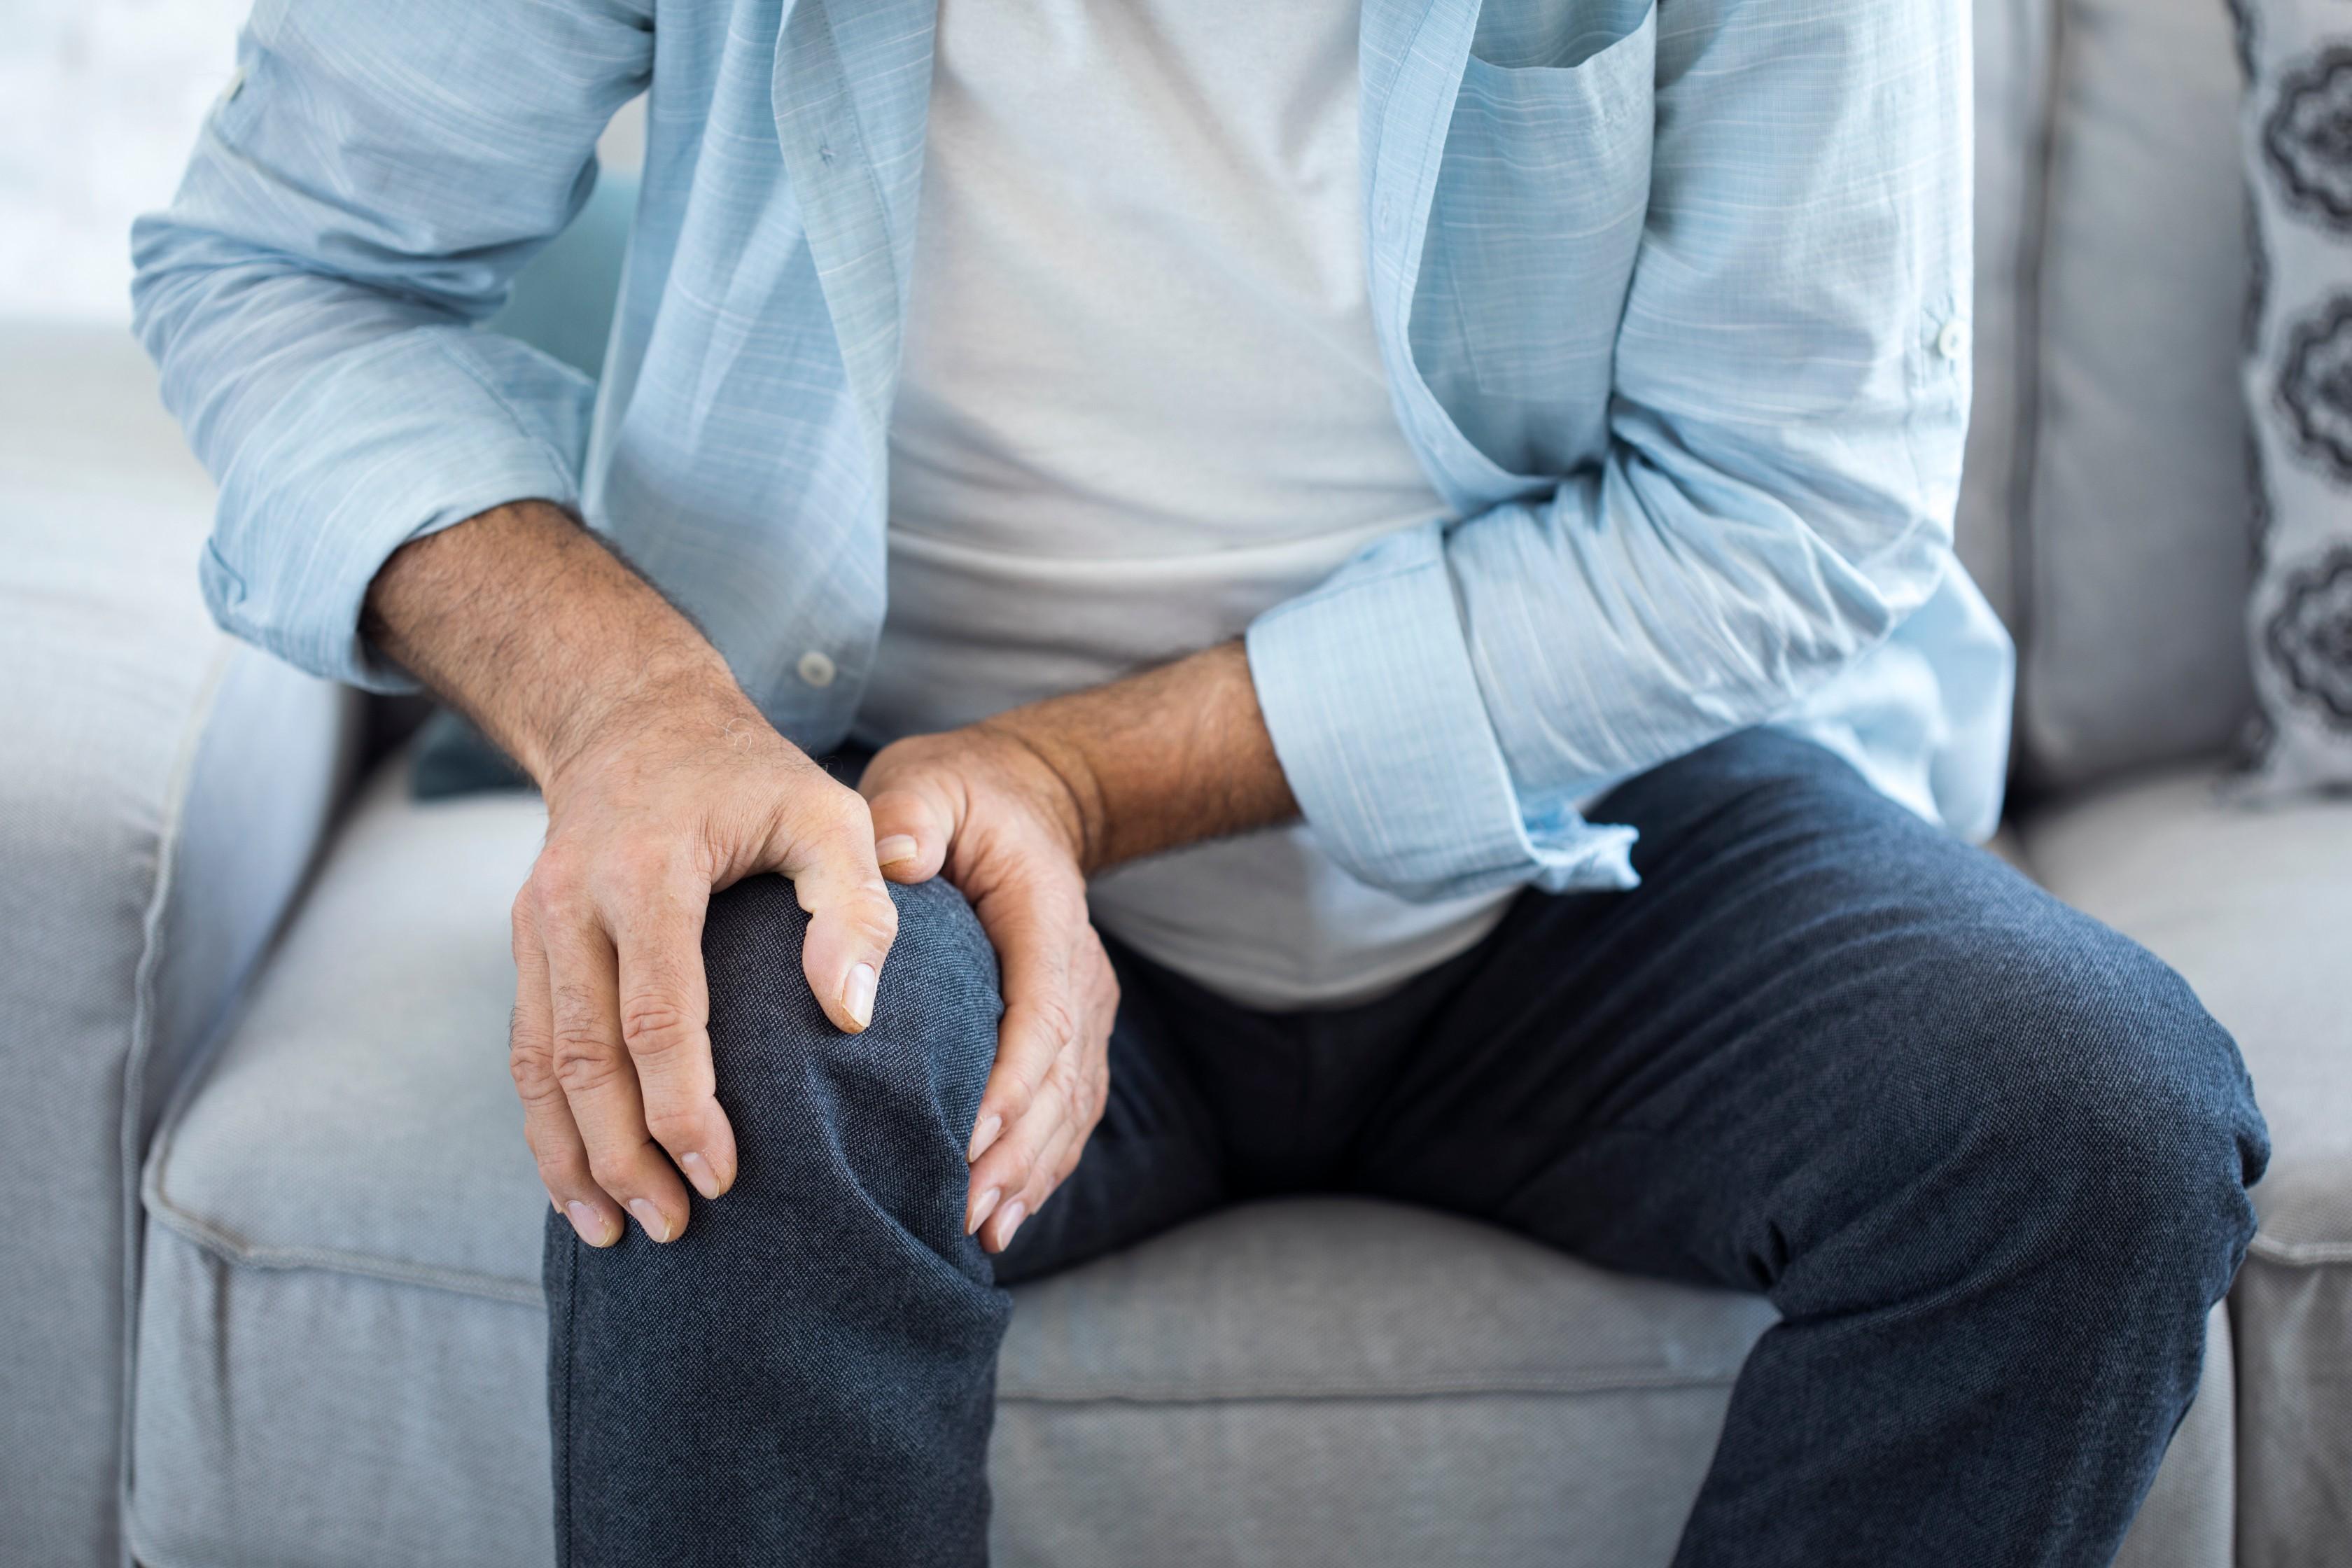 artrózisos kezelés a térdízületen ízületi gyulladás ízületi őssejtkezelés